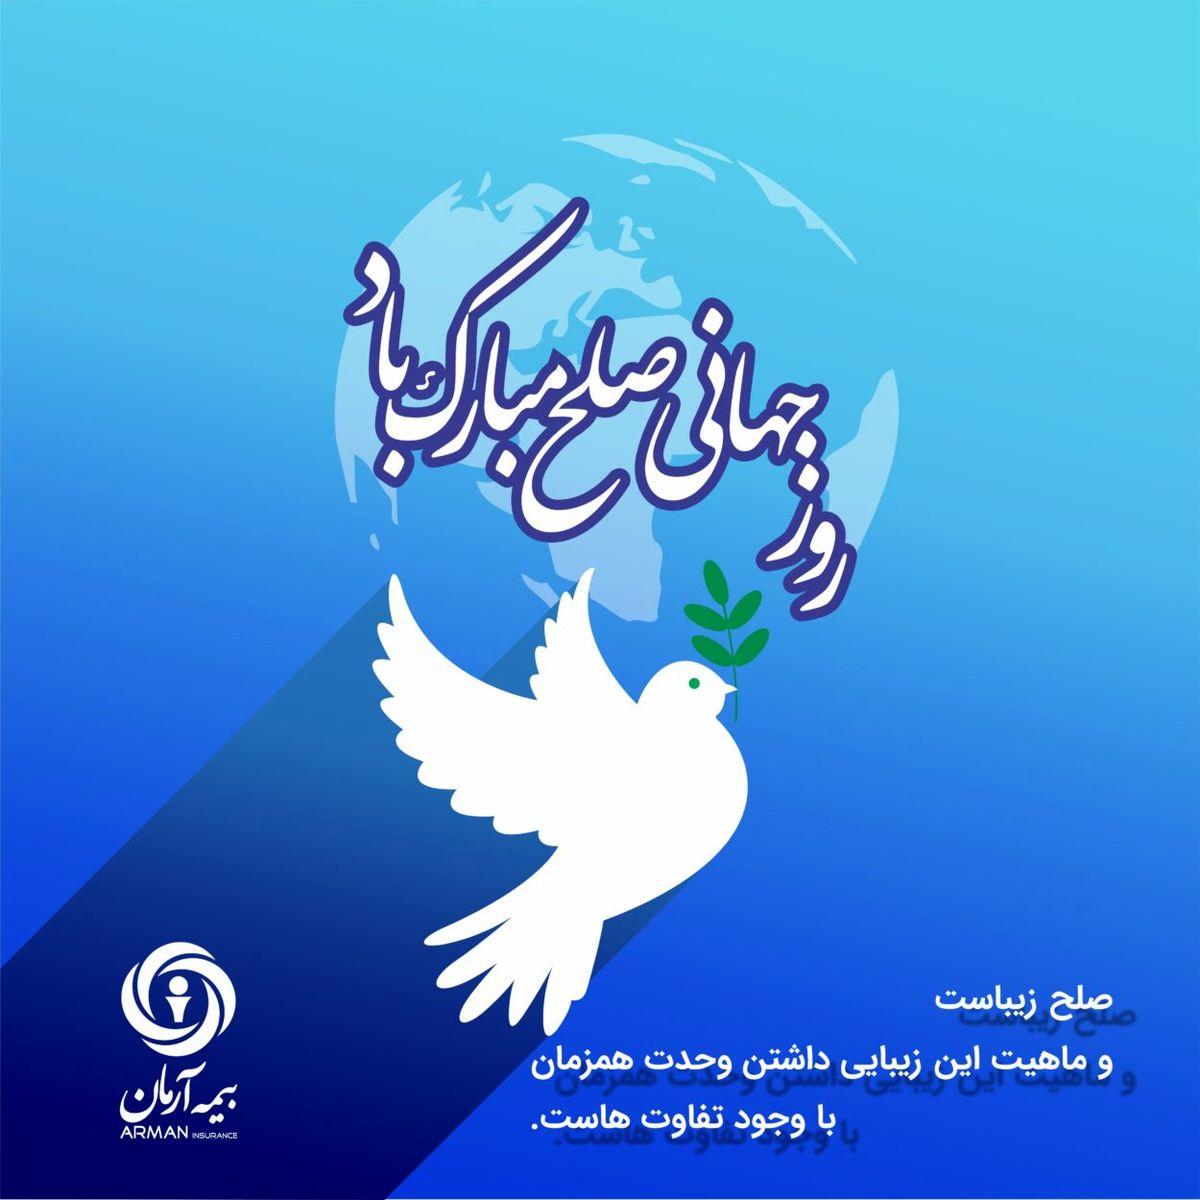 پیام روابط عمومی بیمه آرمان به مناسب روز جهانی صلح